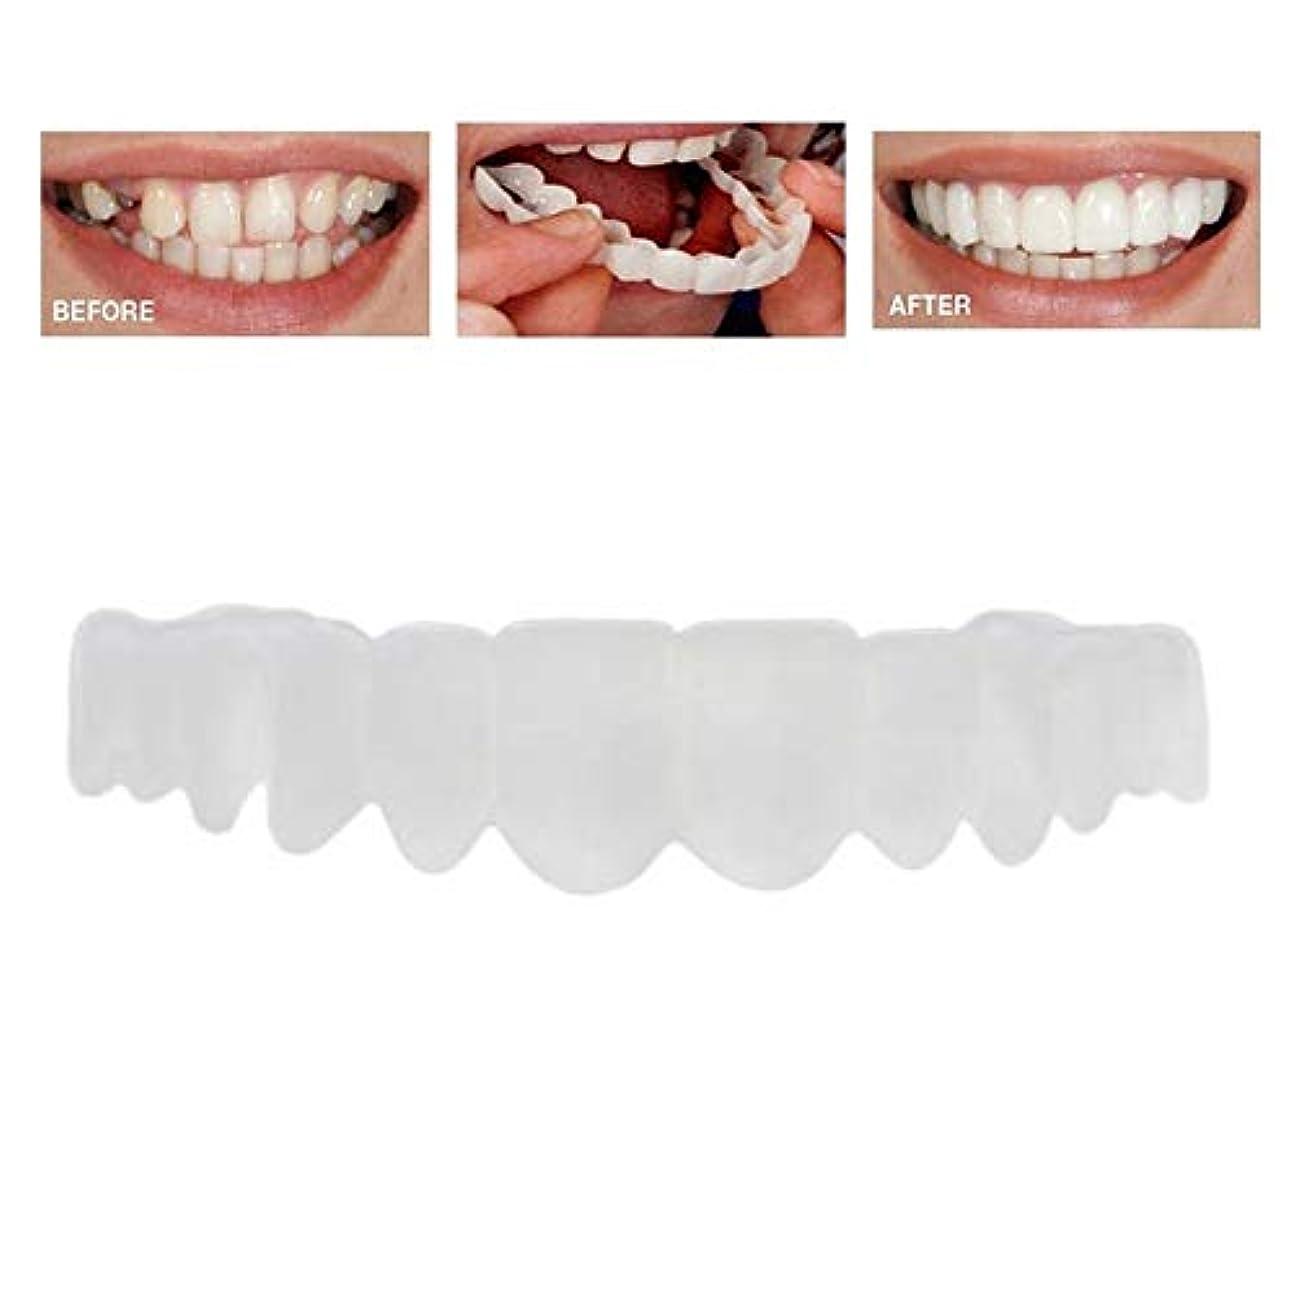 広げる時期尚早リー15ピースの歯の化粧品の快適さフィット歯の義歯歯の上のベニヤの歯ワンサイズフィット最も快適な義歯